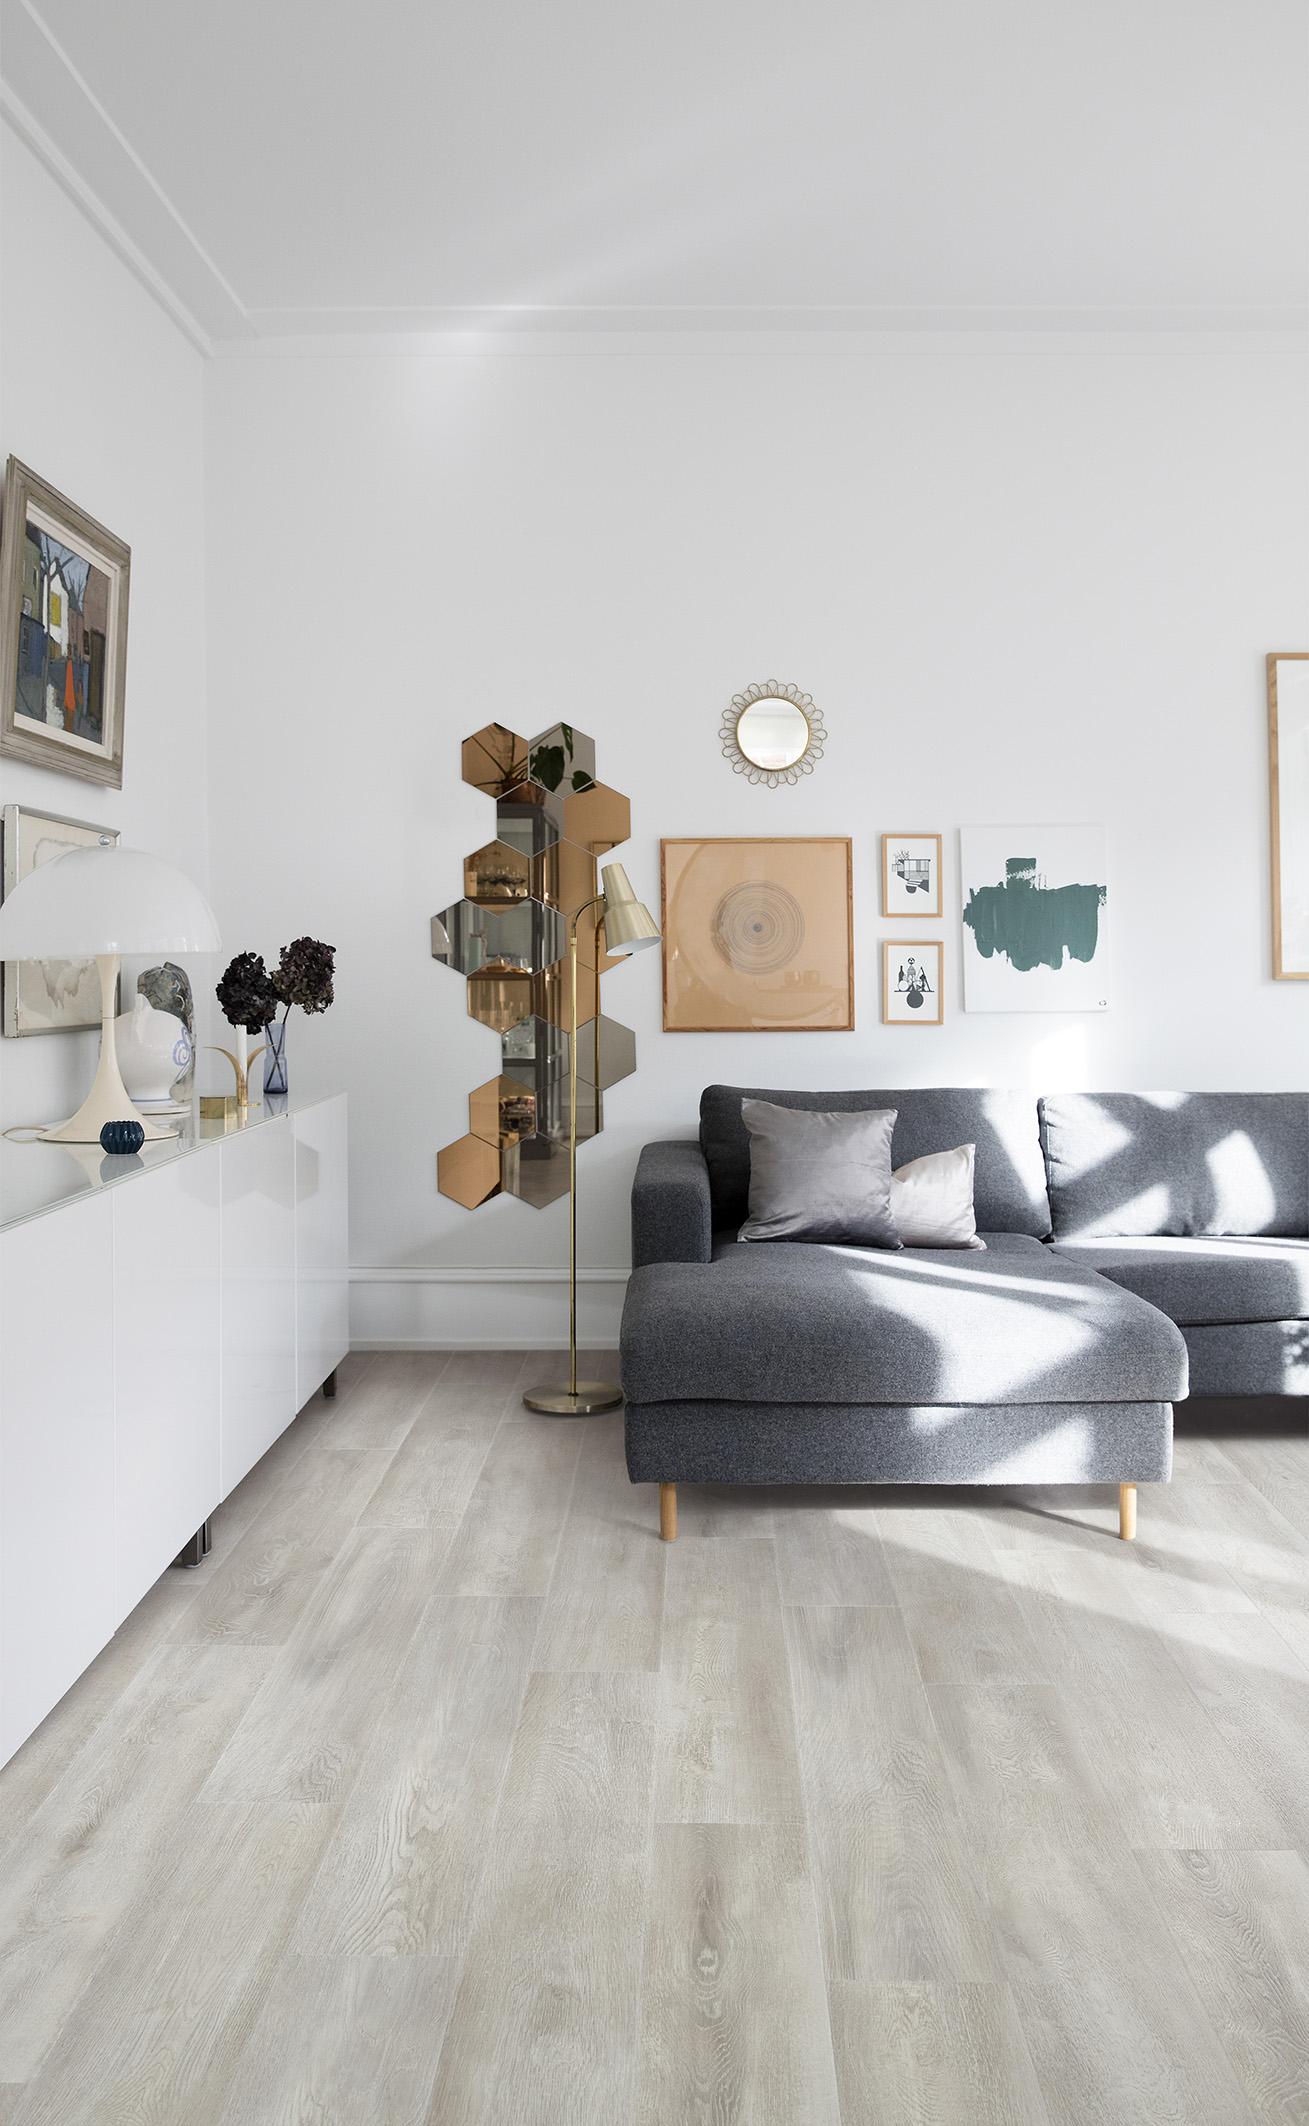 PVC vloer Santa Cruz Oak van Moduleo heeft de uitstraling van een houten plankenvloer met een vintage look #moduleo #pvc #pvcvloer #vloerentrends #vloeren #houtlook #interieur